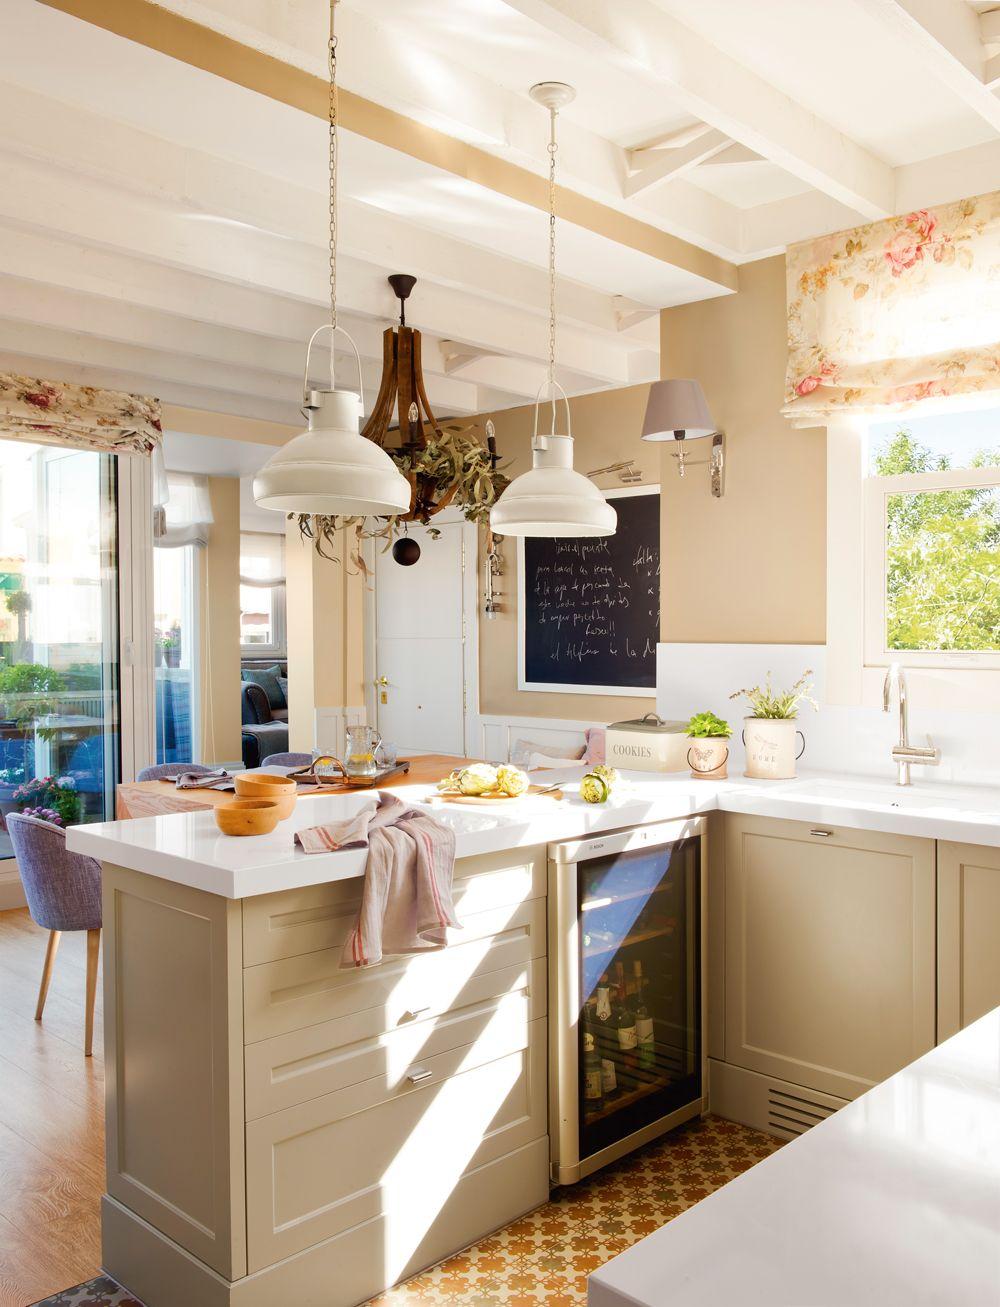 25 ideas para alegrar tu casa esta primavera   Decoracion cocinas ...